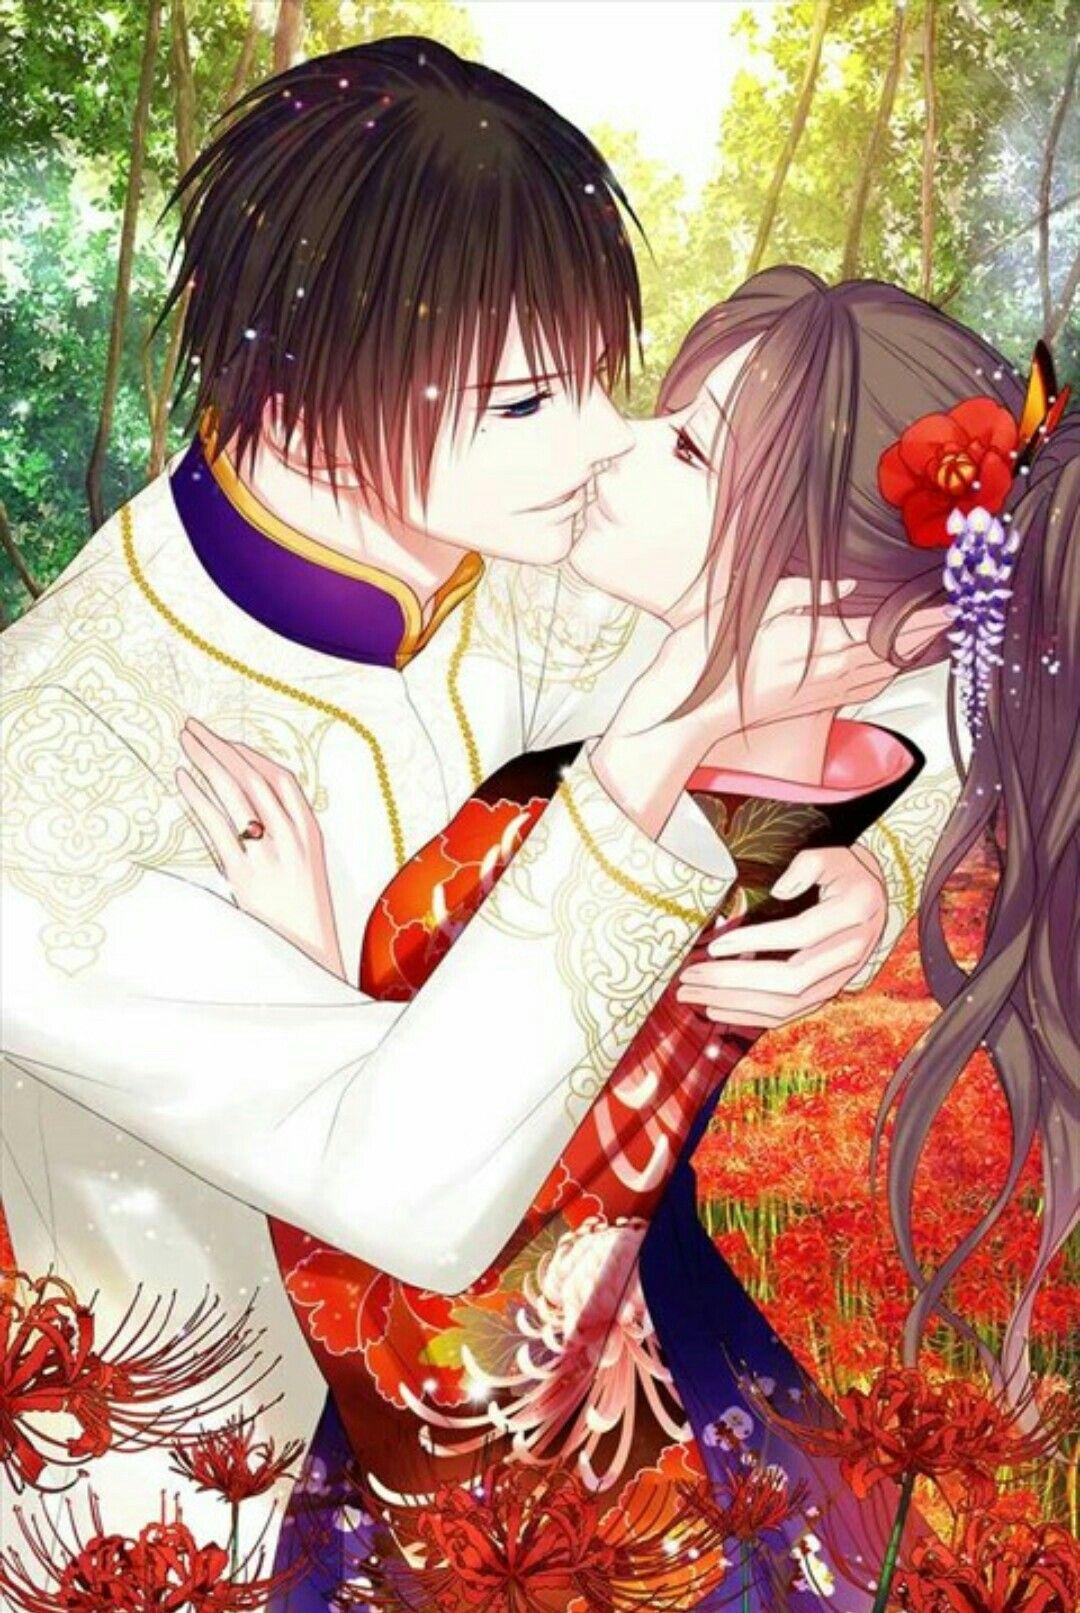 Kikyo happy ending (With images) Anime love, Ninja 2, Anime